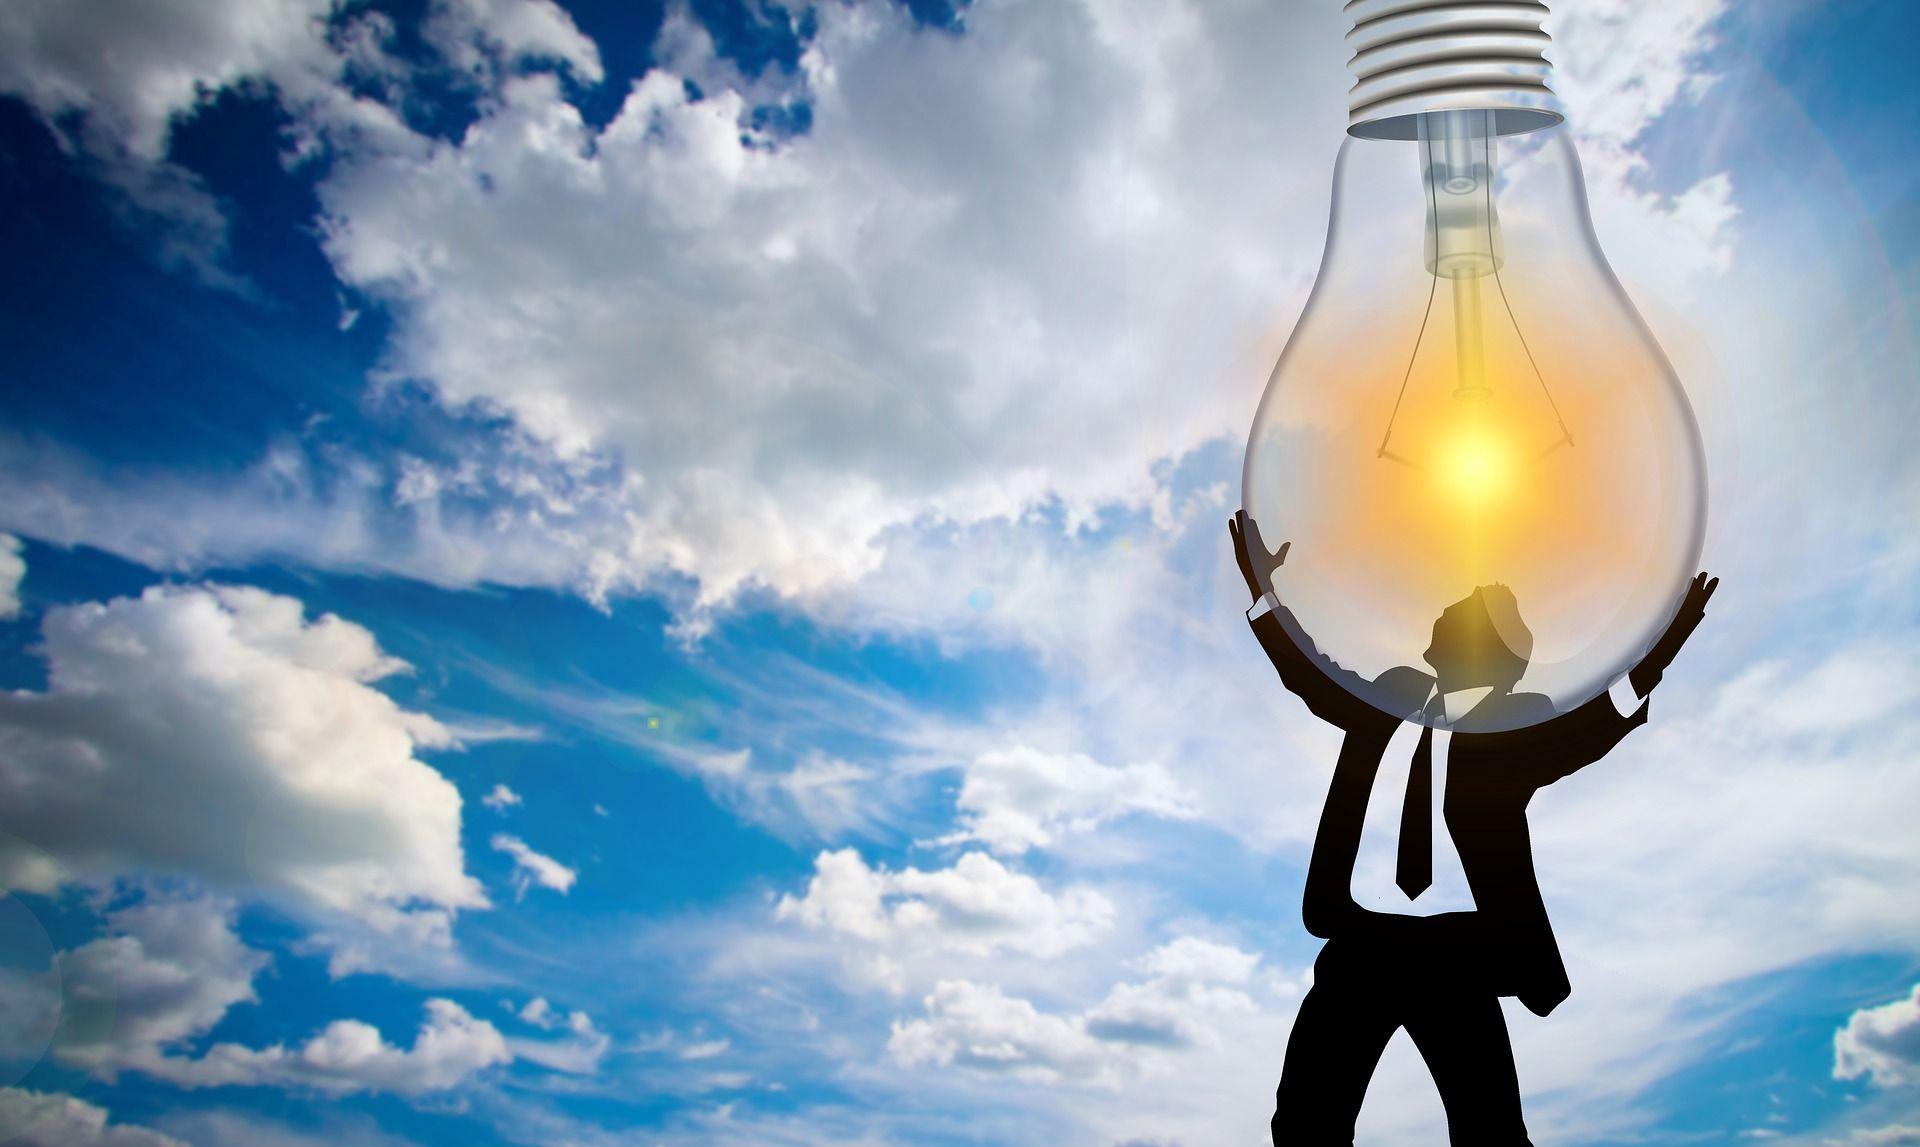 Erneuerbare-Energien-Gesetz verstößt gegen EU-Recht